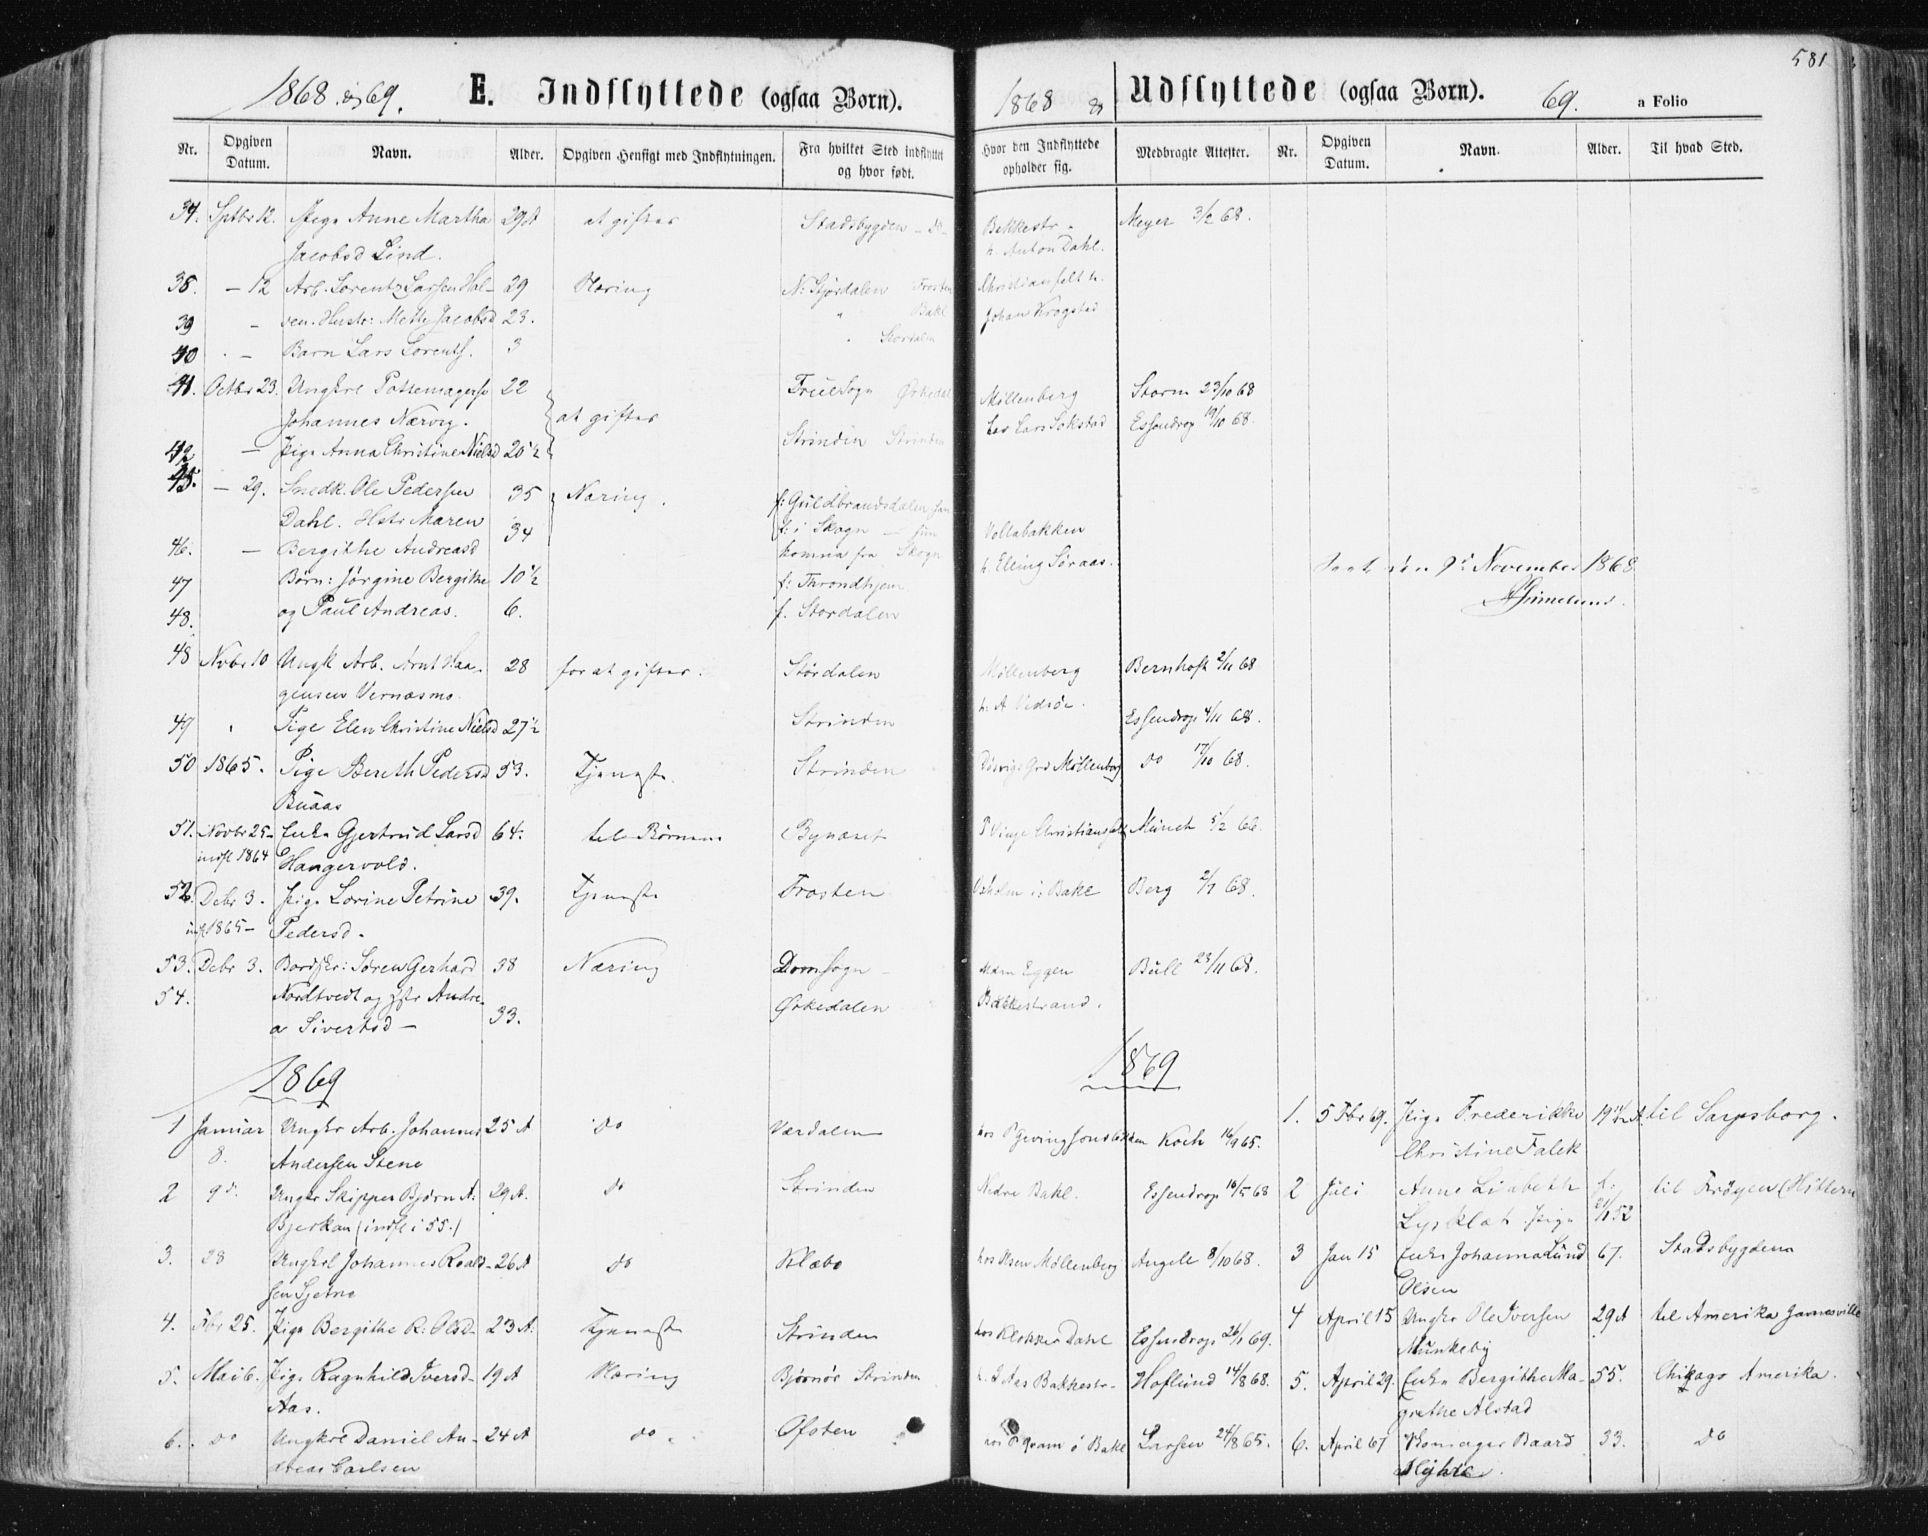 SAT, Ministerialprotokoller, klokkerbøker og fødselsregistre - Sør-Trøndelag, 604/L0186: Ministerialbok nr. 604A07, 1866-1877, s. 581